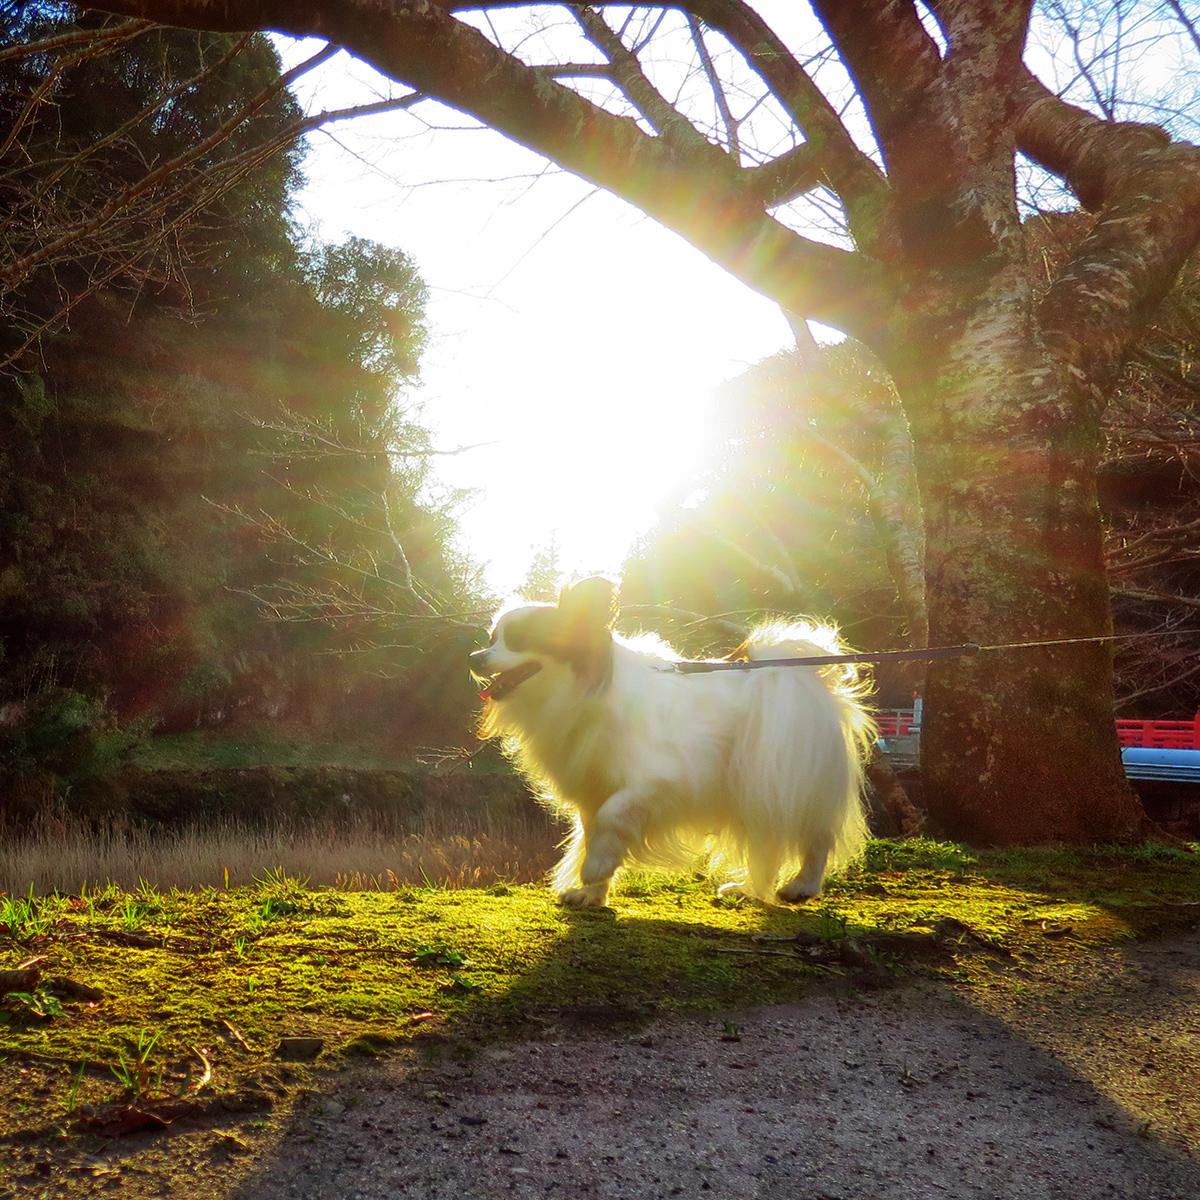 夕日が照らす公園① (代わり映えしないw) - #犬 #パピヨン #dog #doggy #papillondog #animals #犬好き